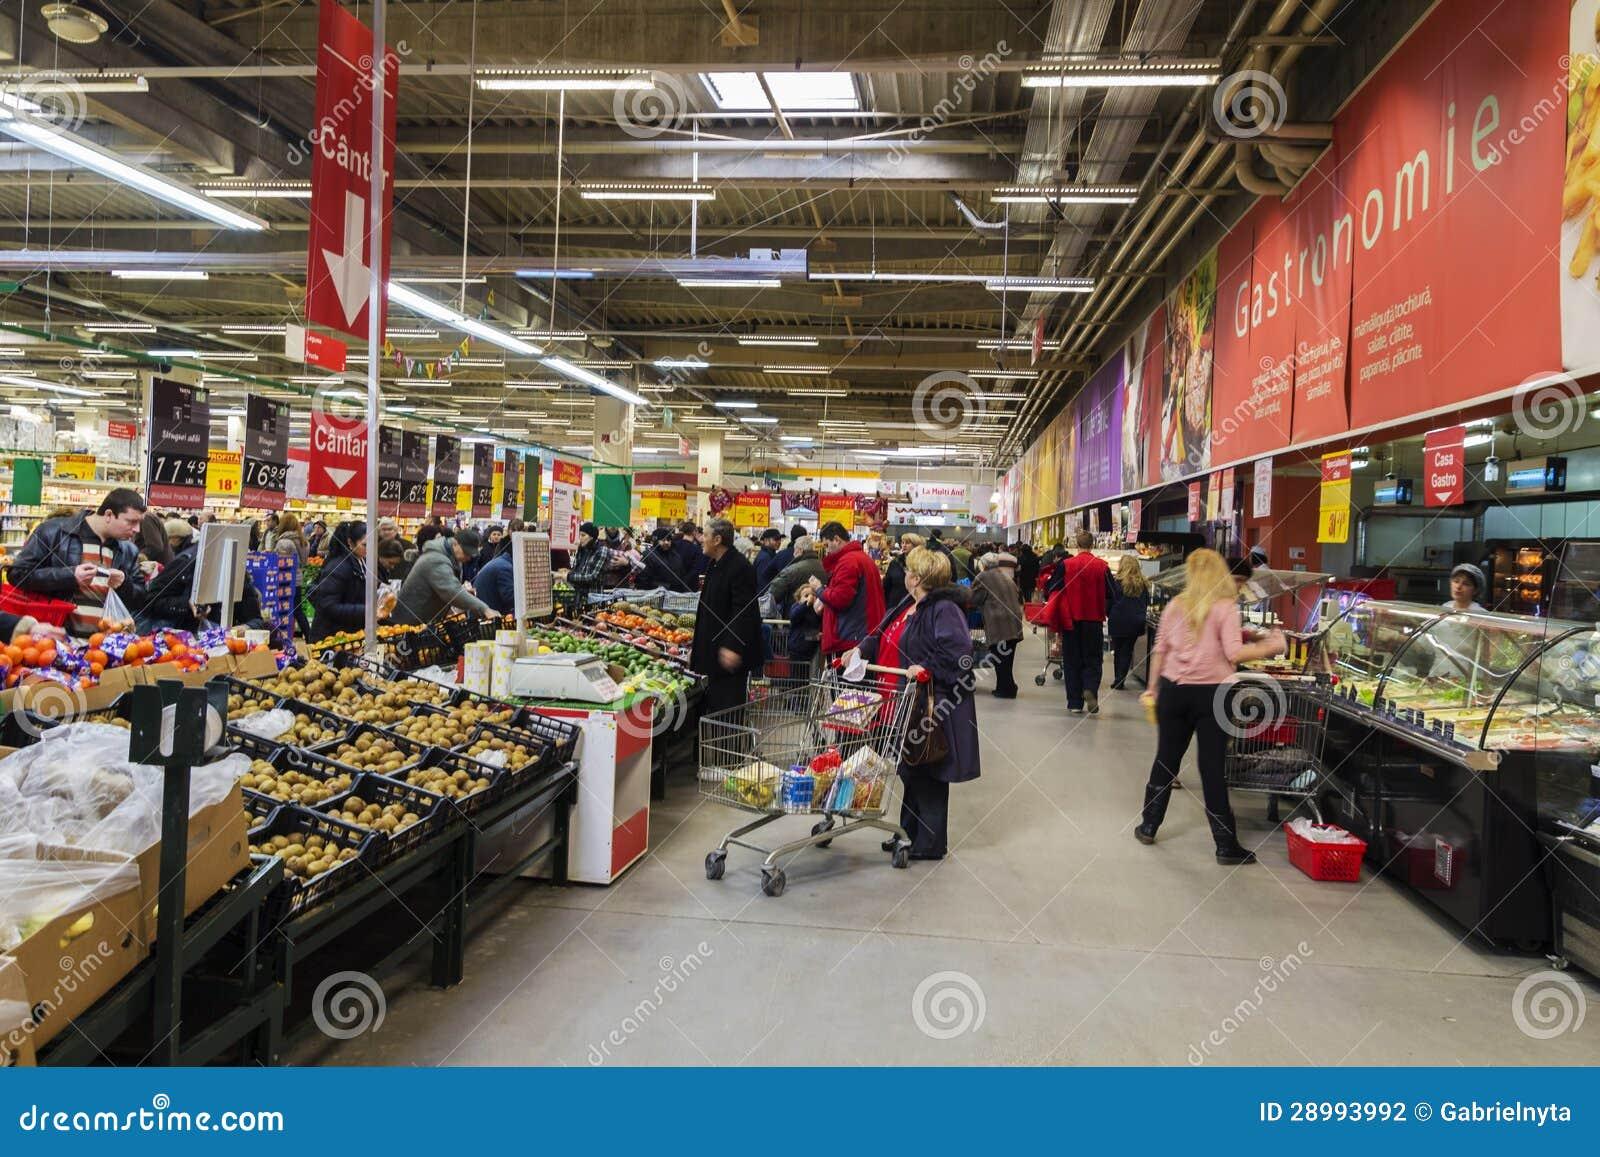 People inside hypermarket